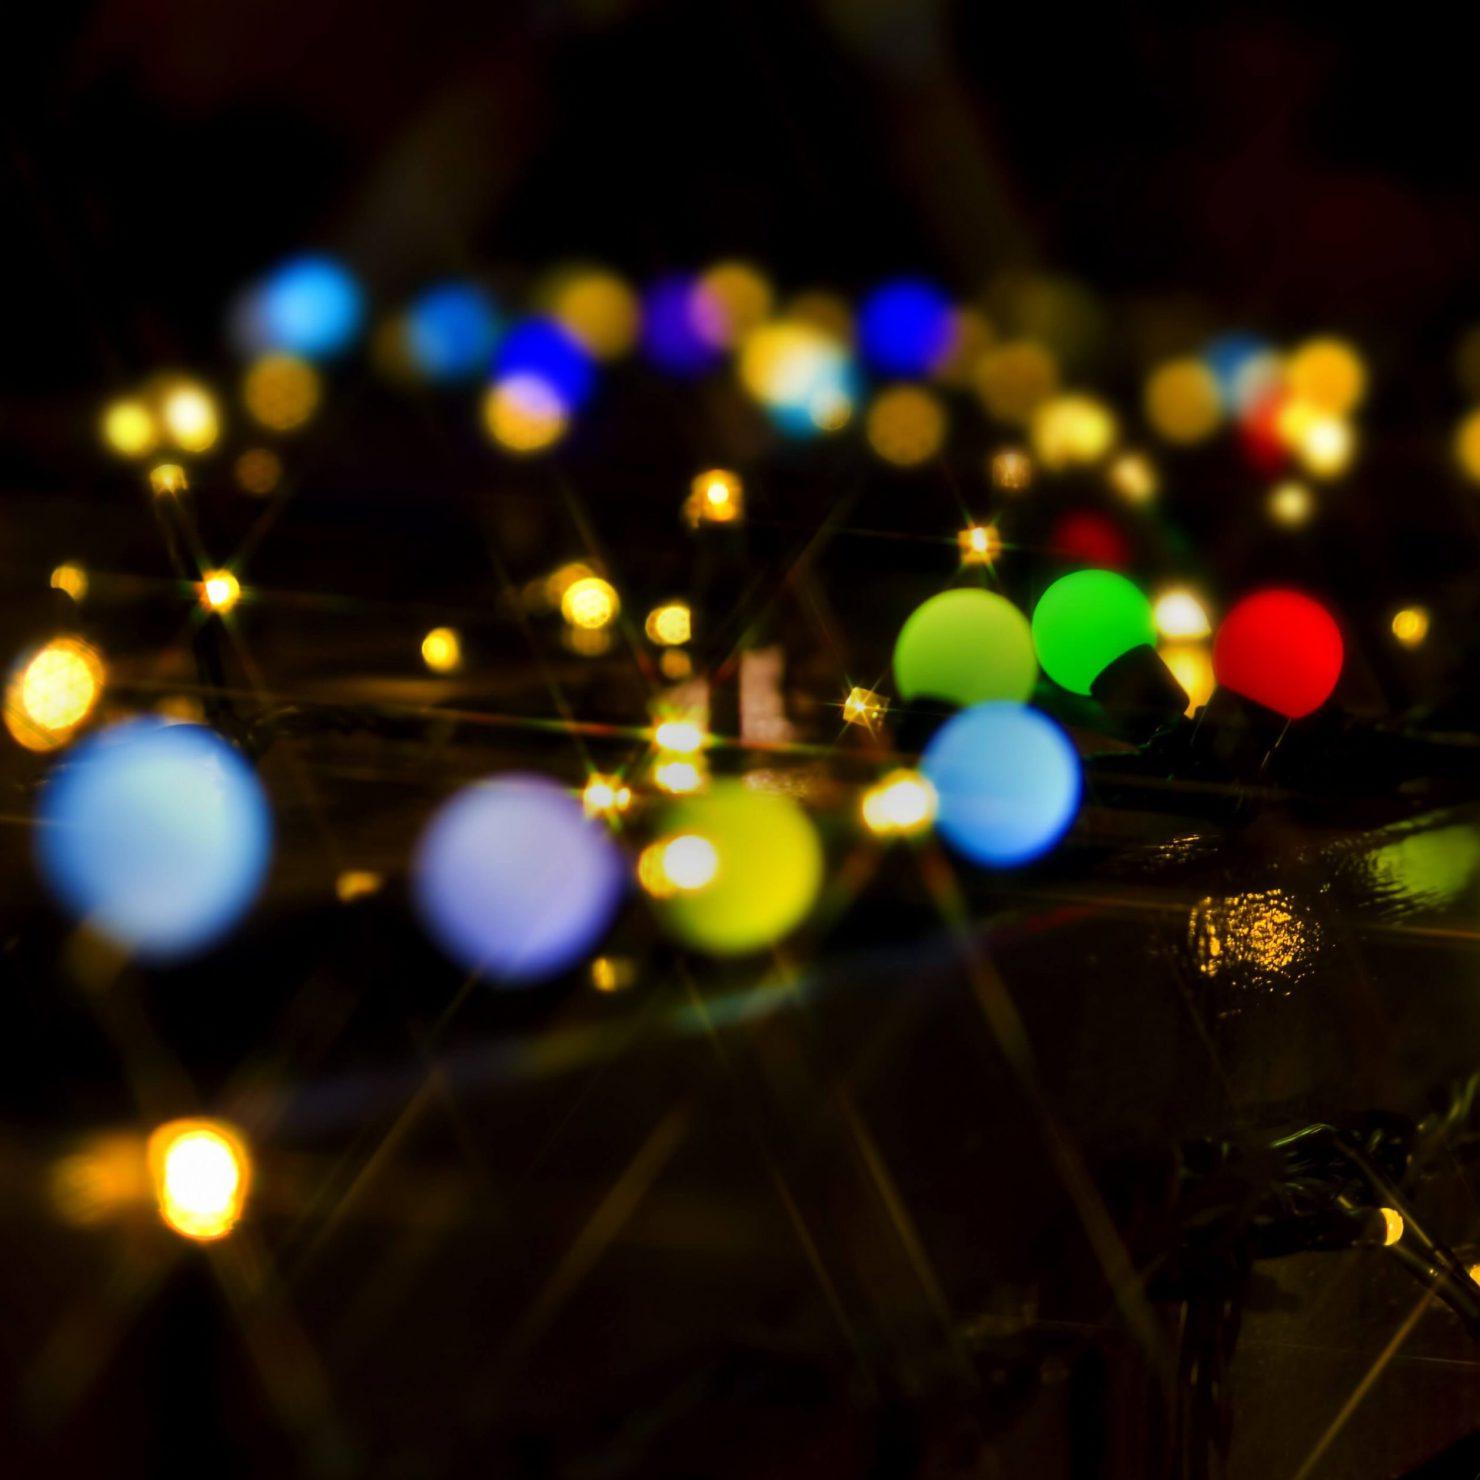 LEDで虫除けが出来る?|昆虫と光の不思議な関係